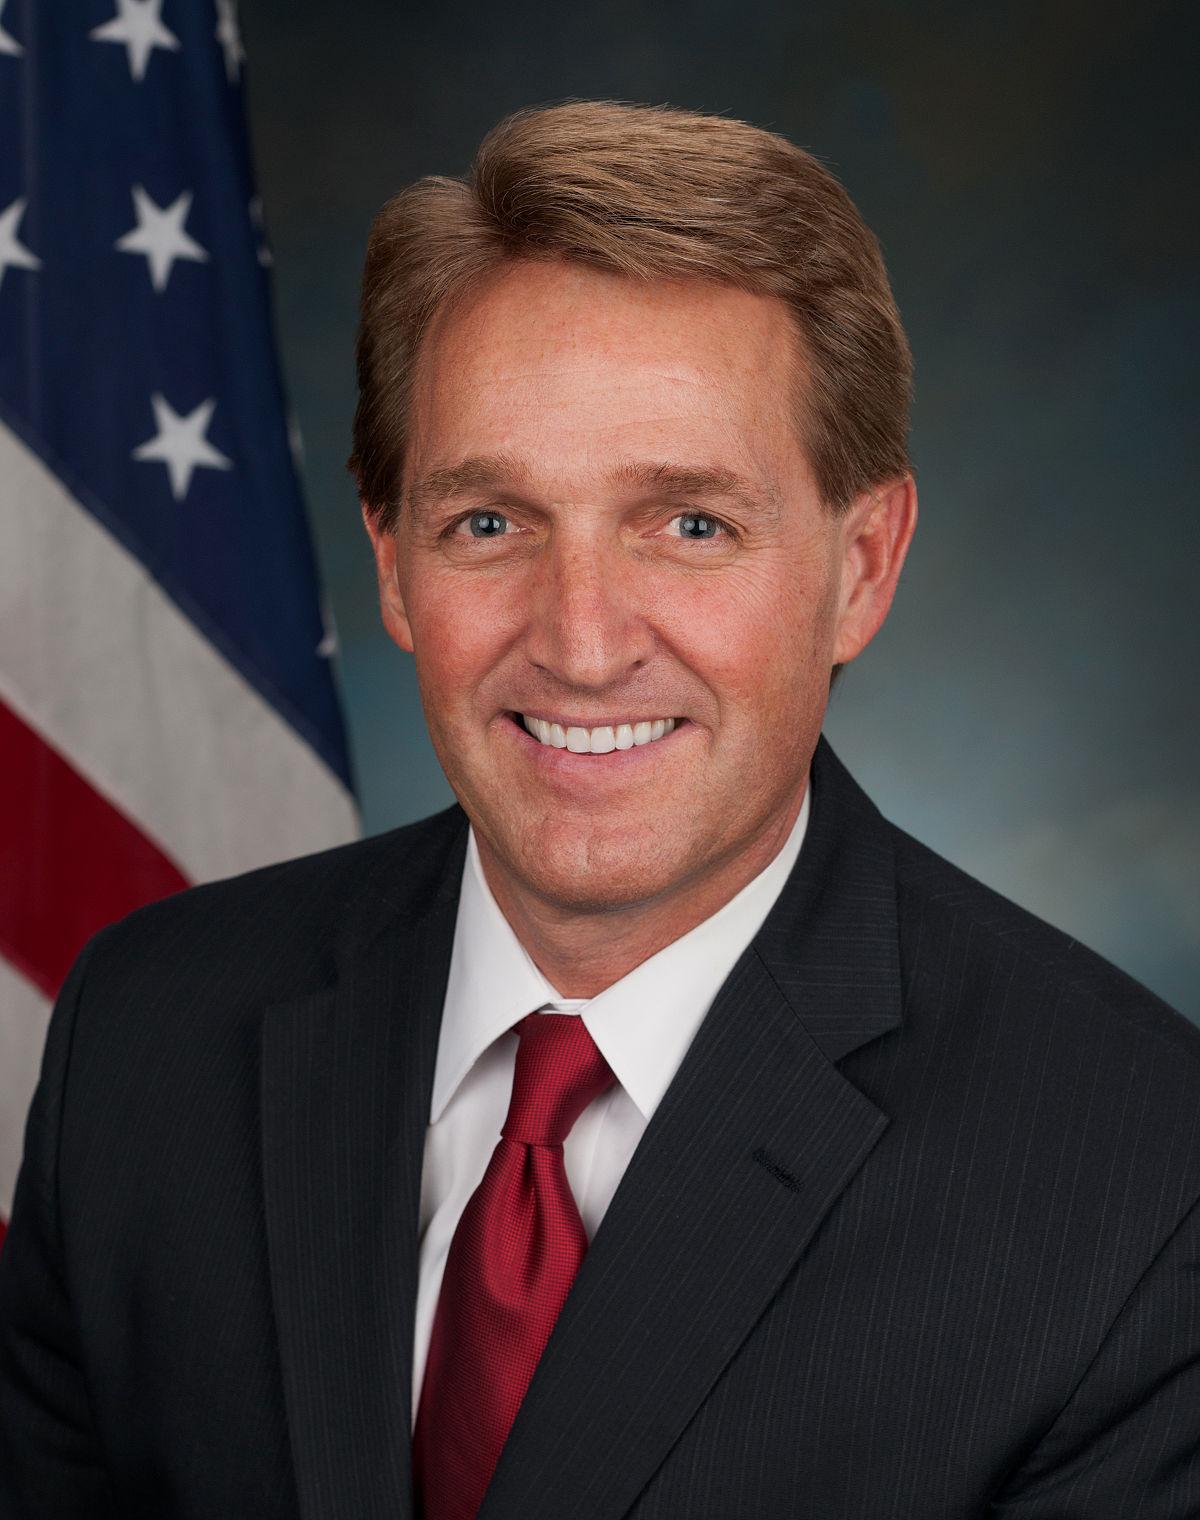 Jeff Flake - Wikipedia